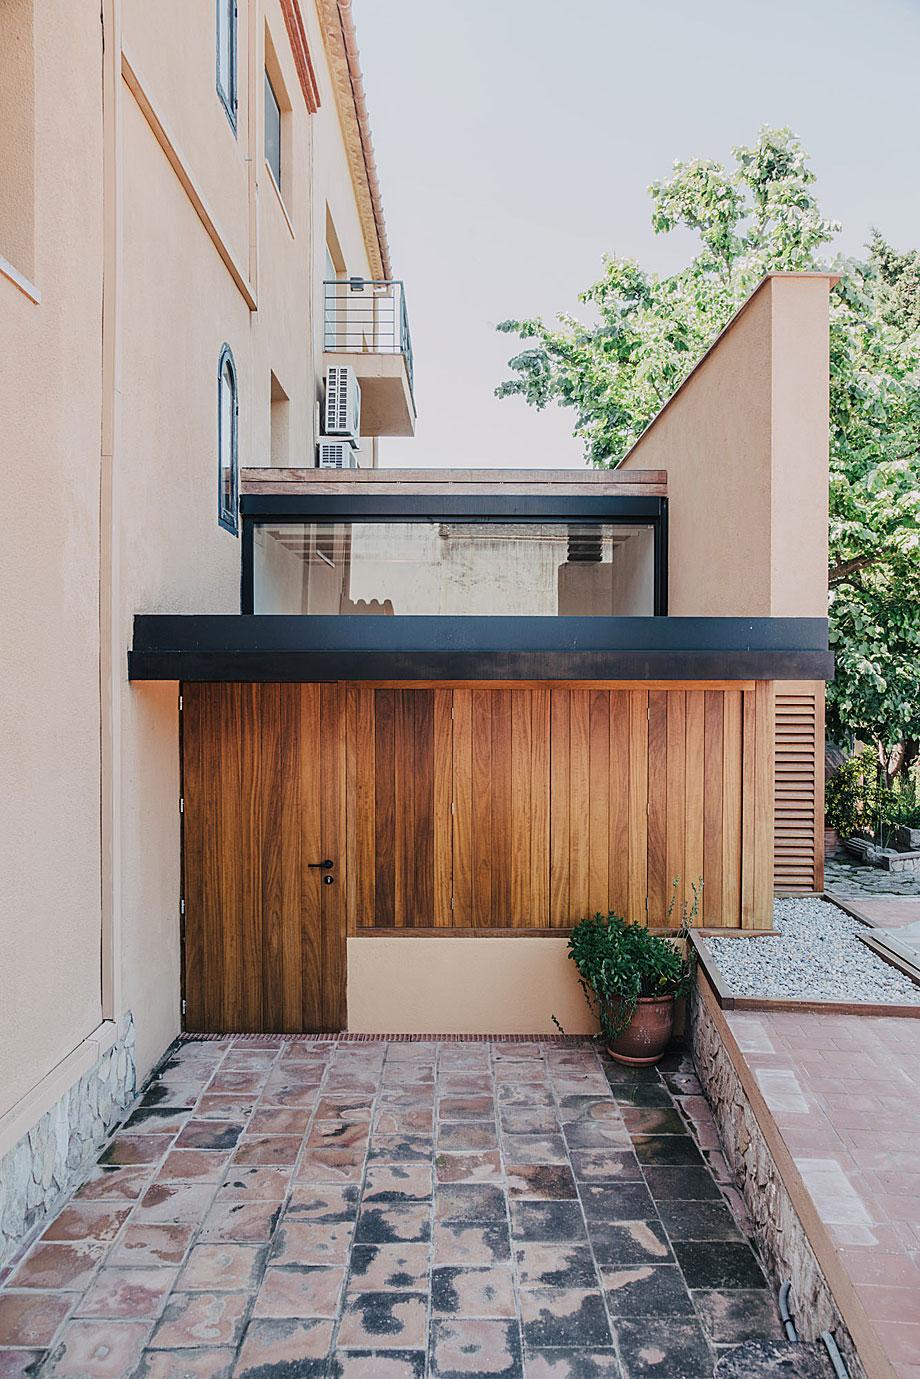 mesura-architecture-sant-mori-ampliacion-girona-housing-project-spain-arquitectura-13